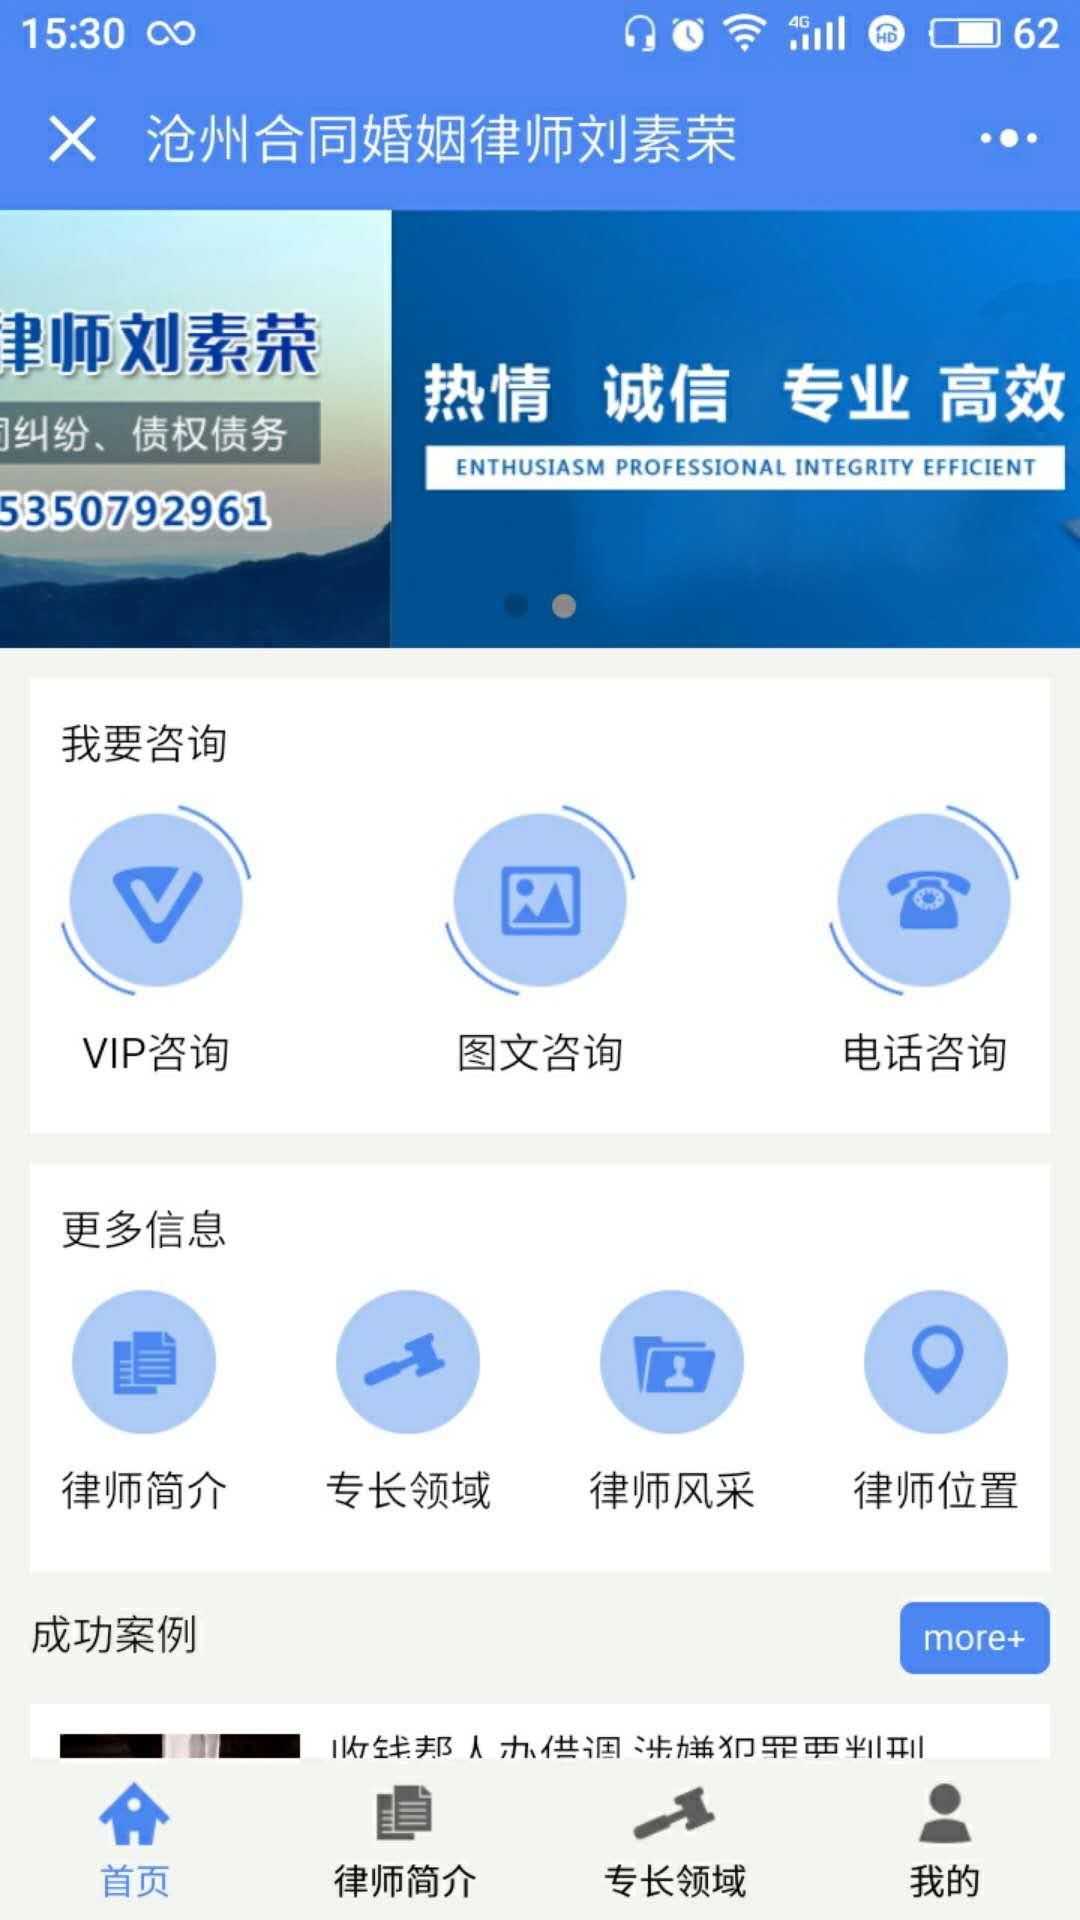 沧州合同婚姻律师刘素荣小程序